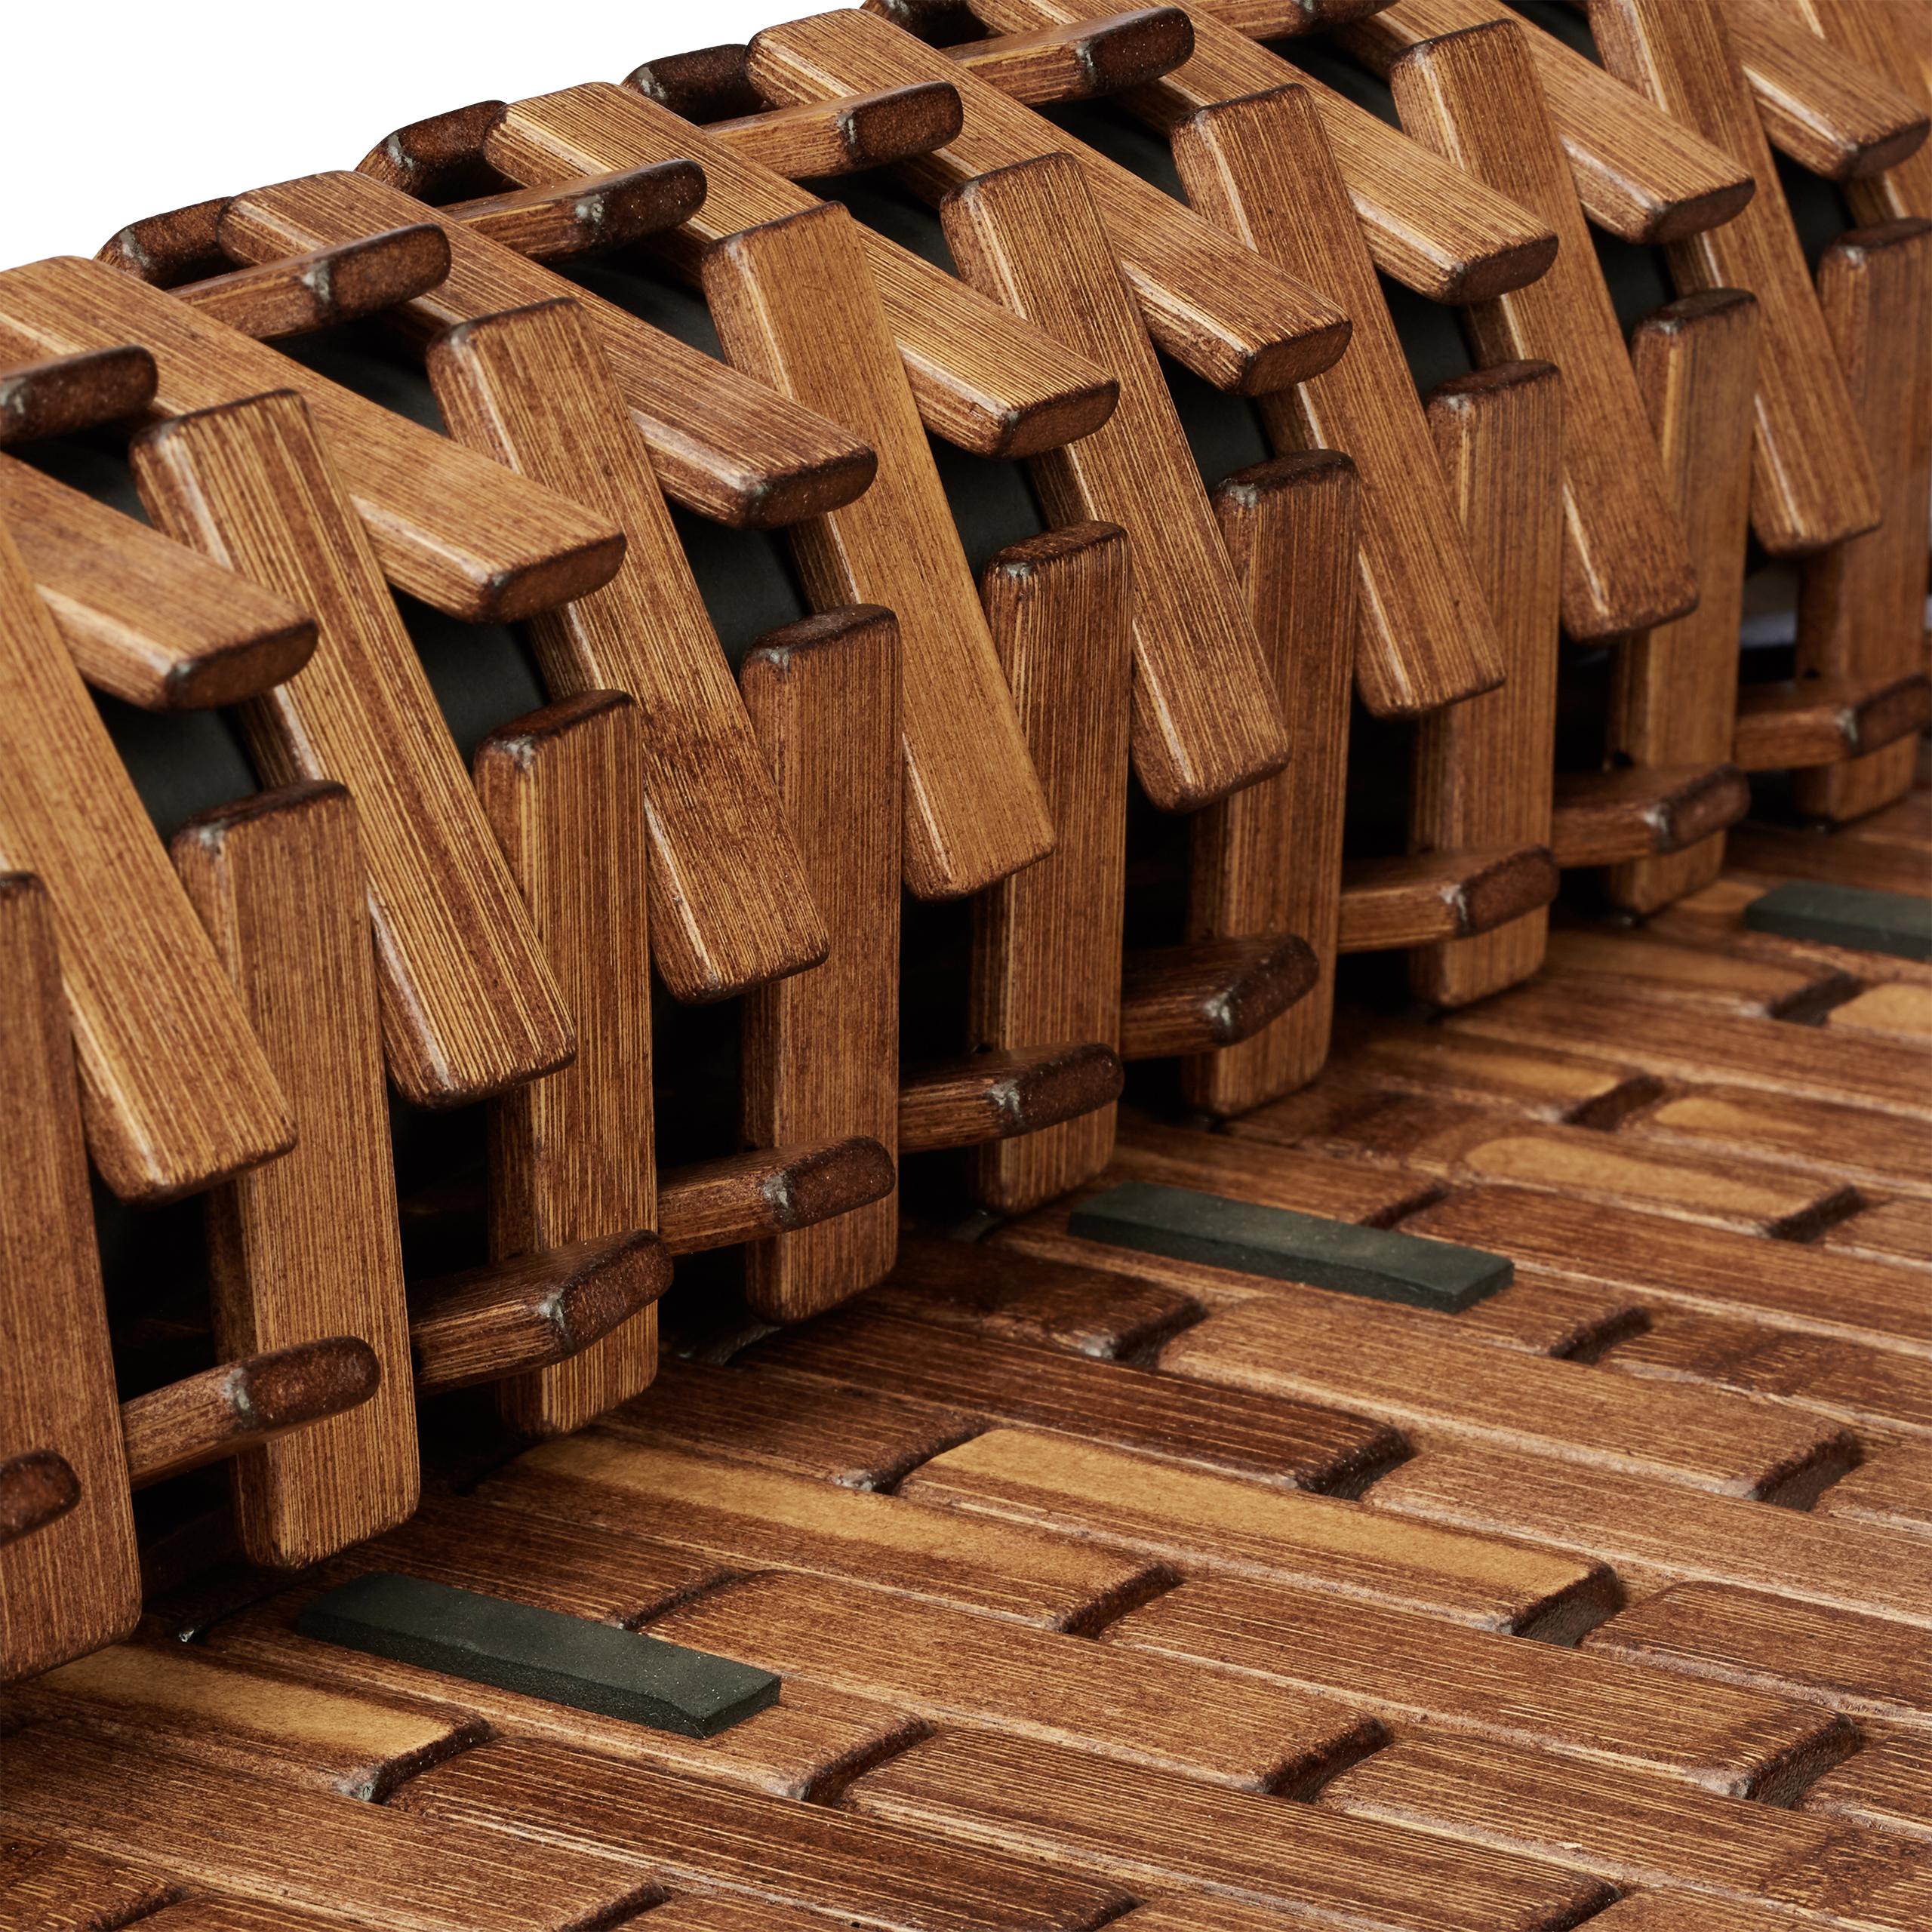 Bambusmatte-50x80-Saunamatte-Bambusteppich-Fussmatte-Badematte-Duschvorleger-Bad